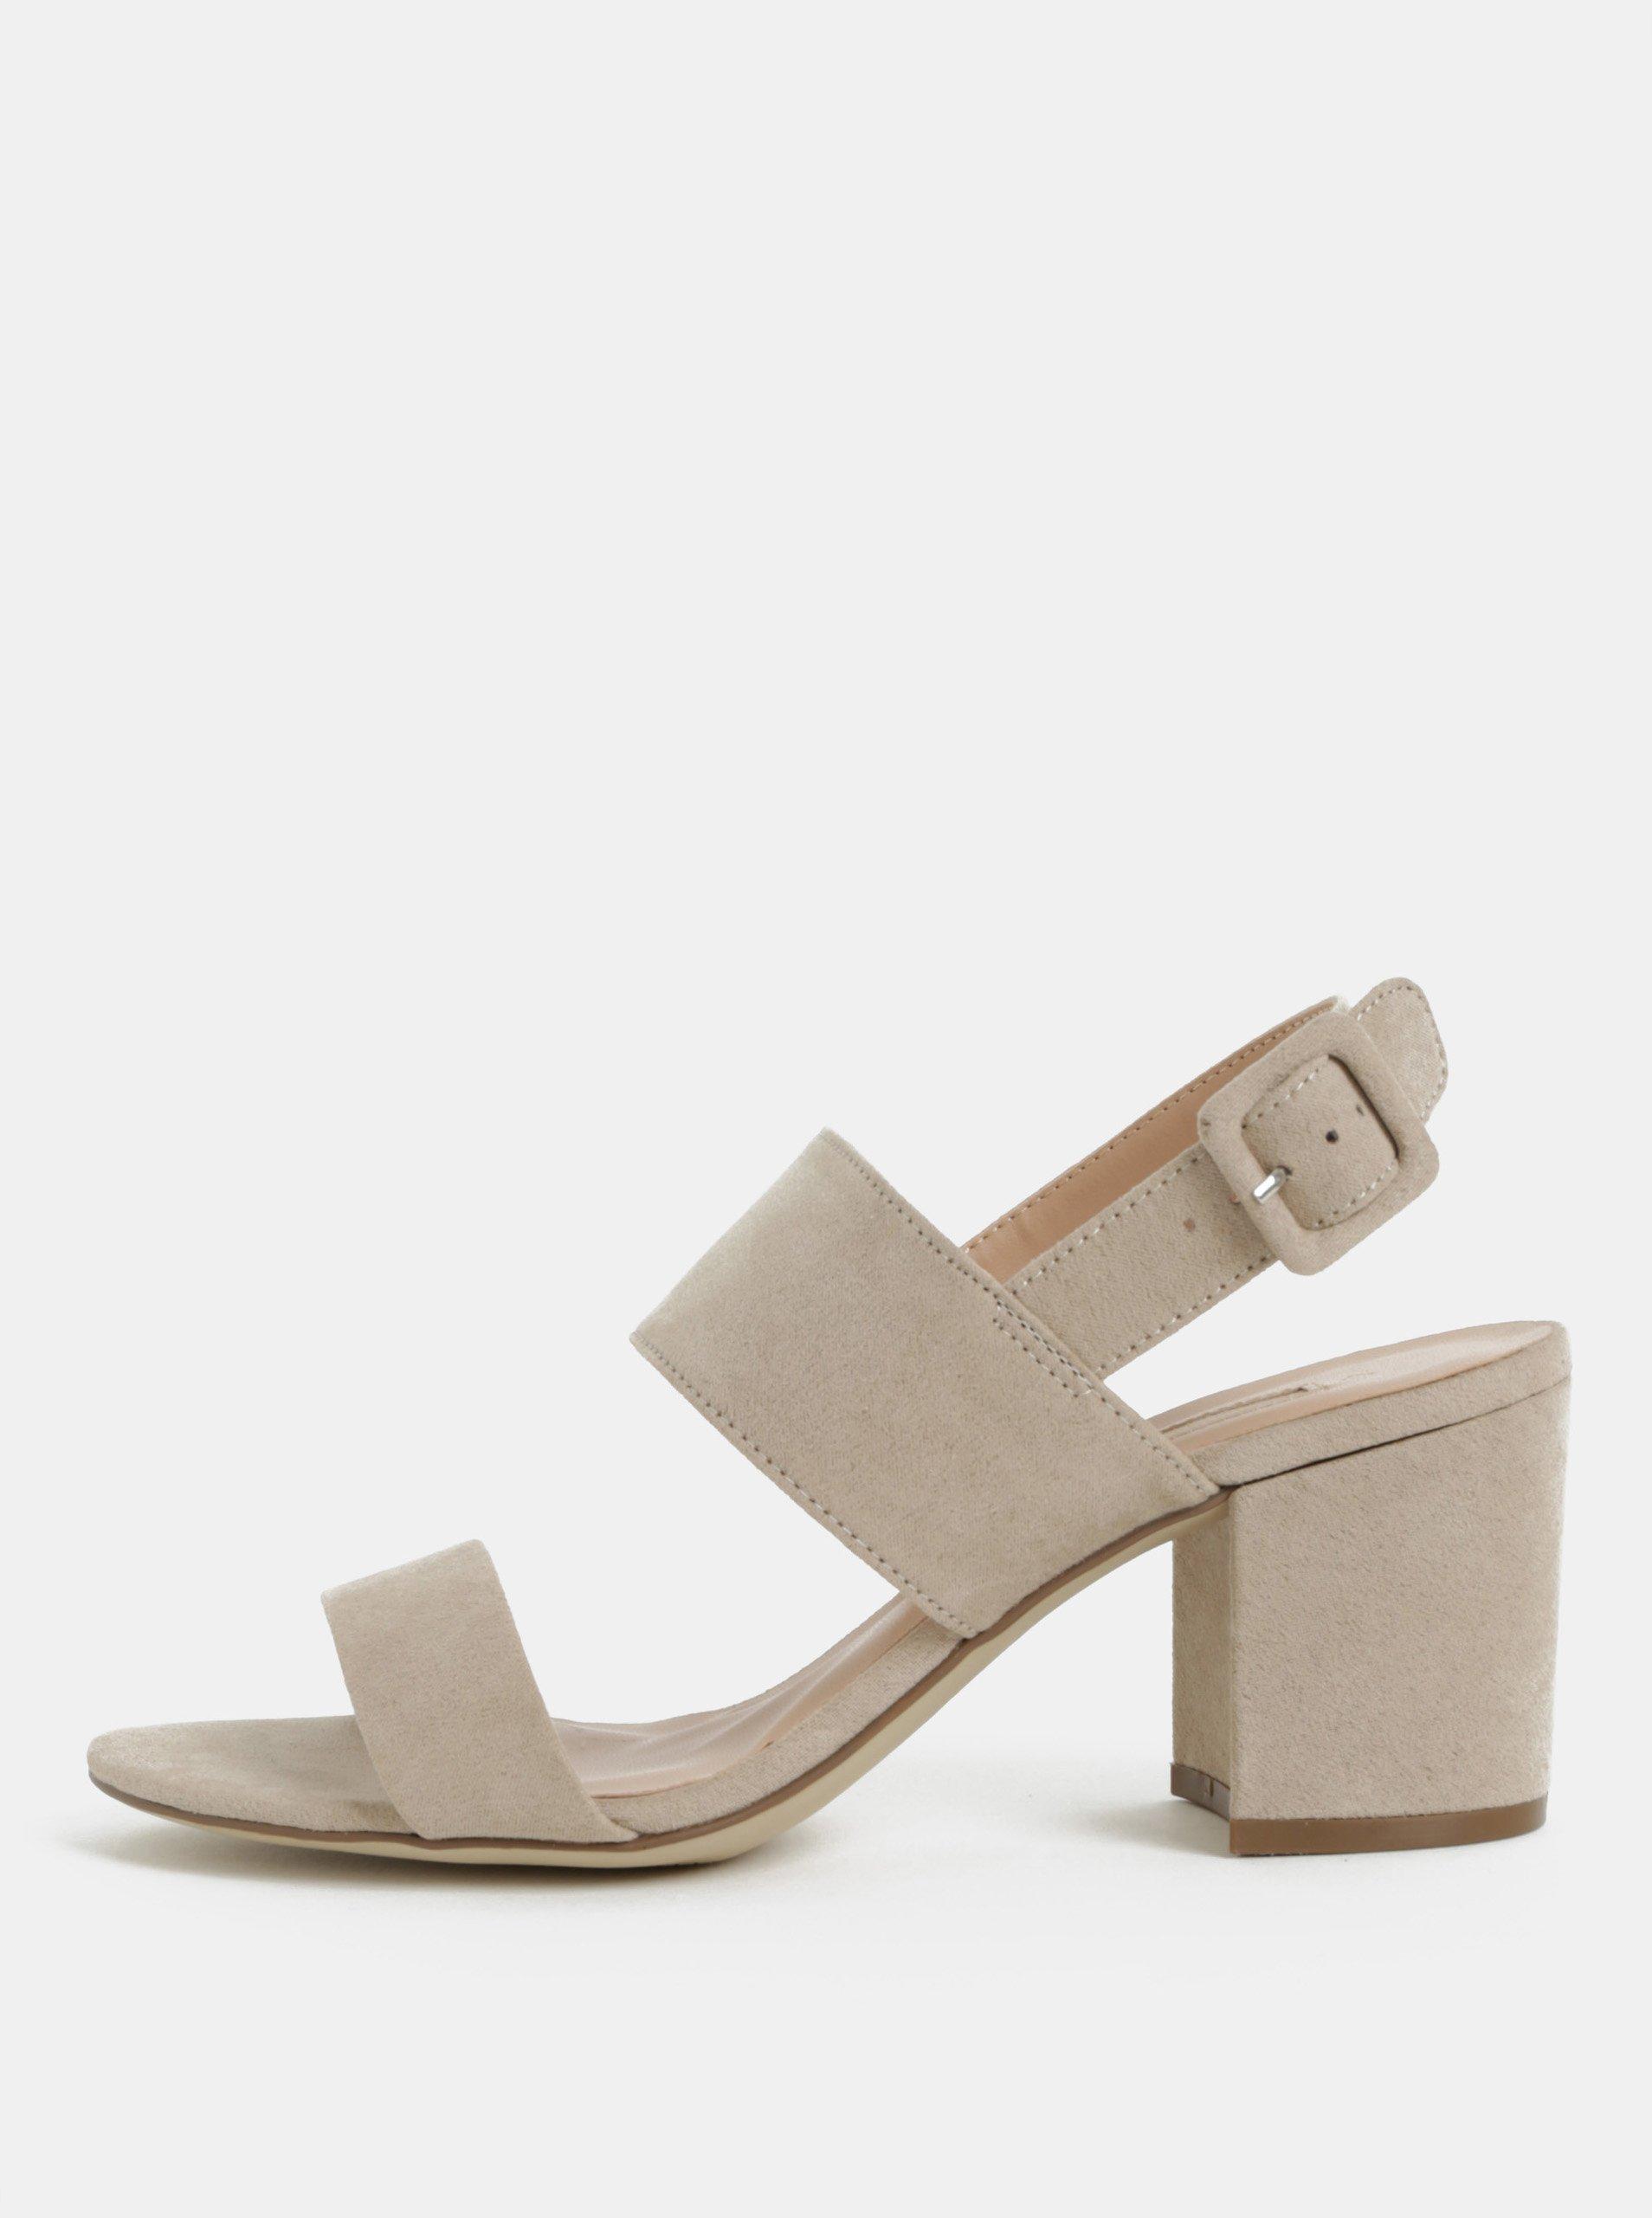 64244376351 Béžové sandálky v semišové úpravě na podpatku Dorothy Perkins